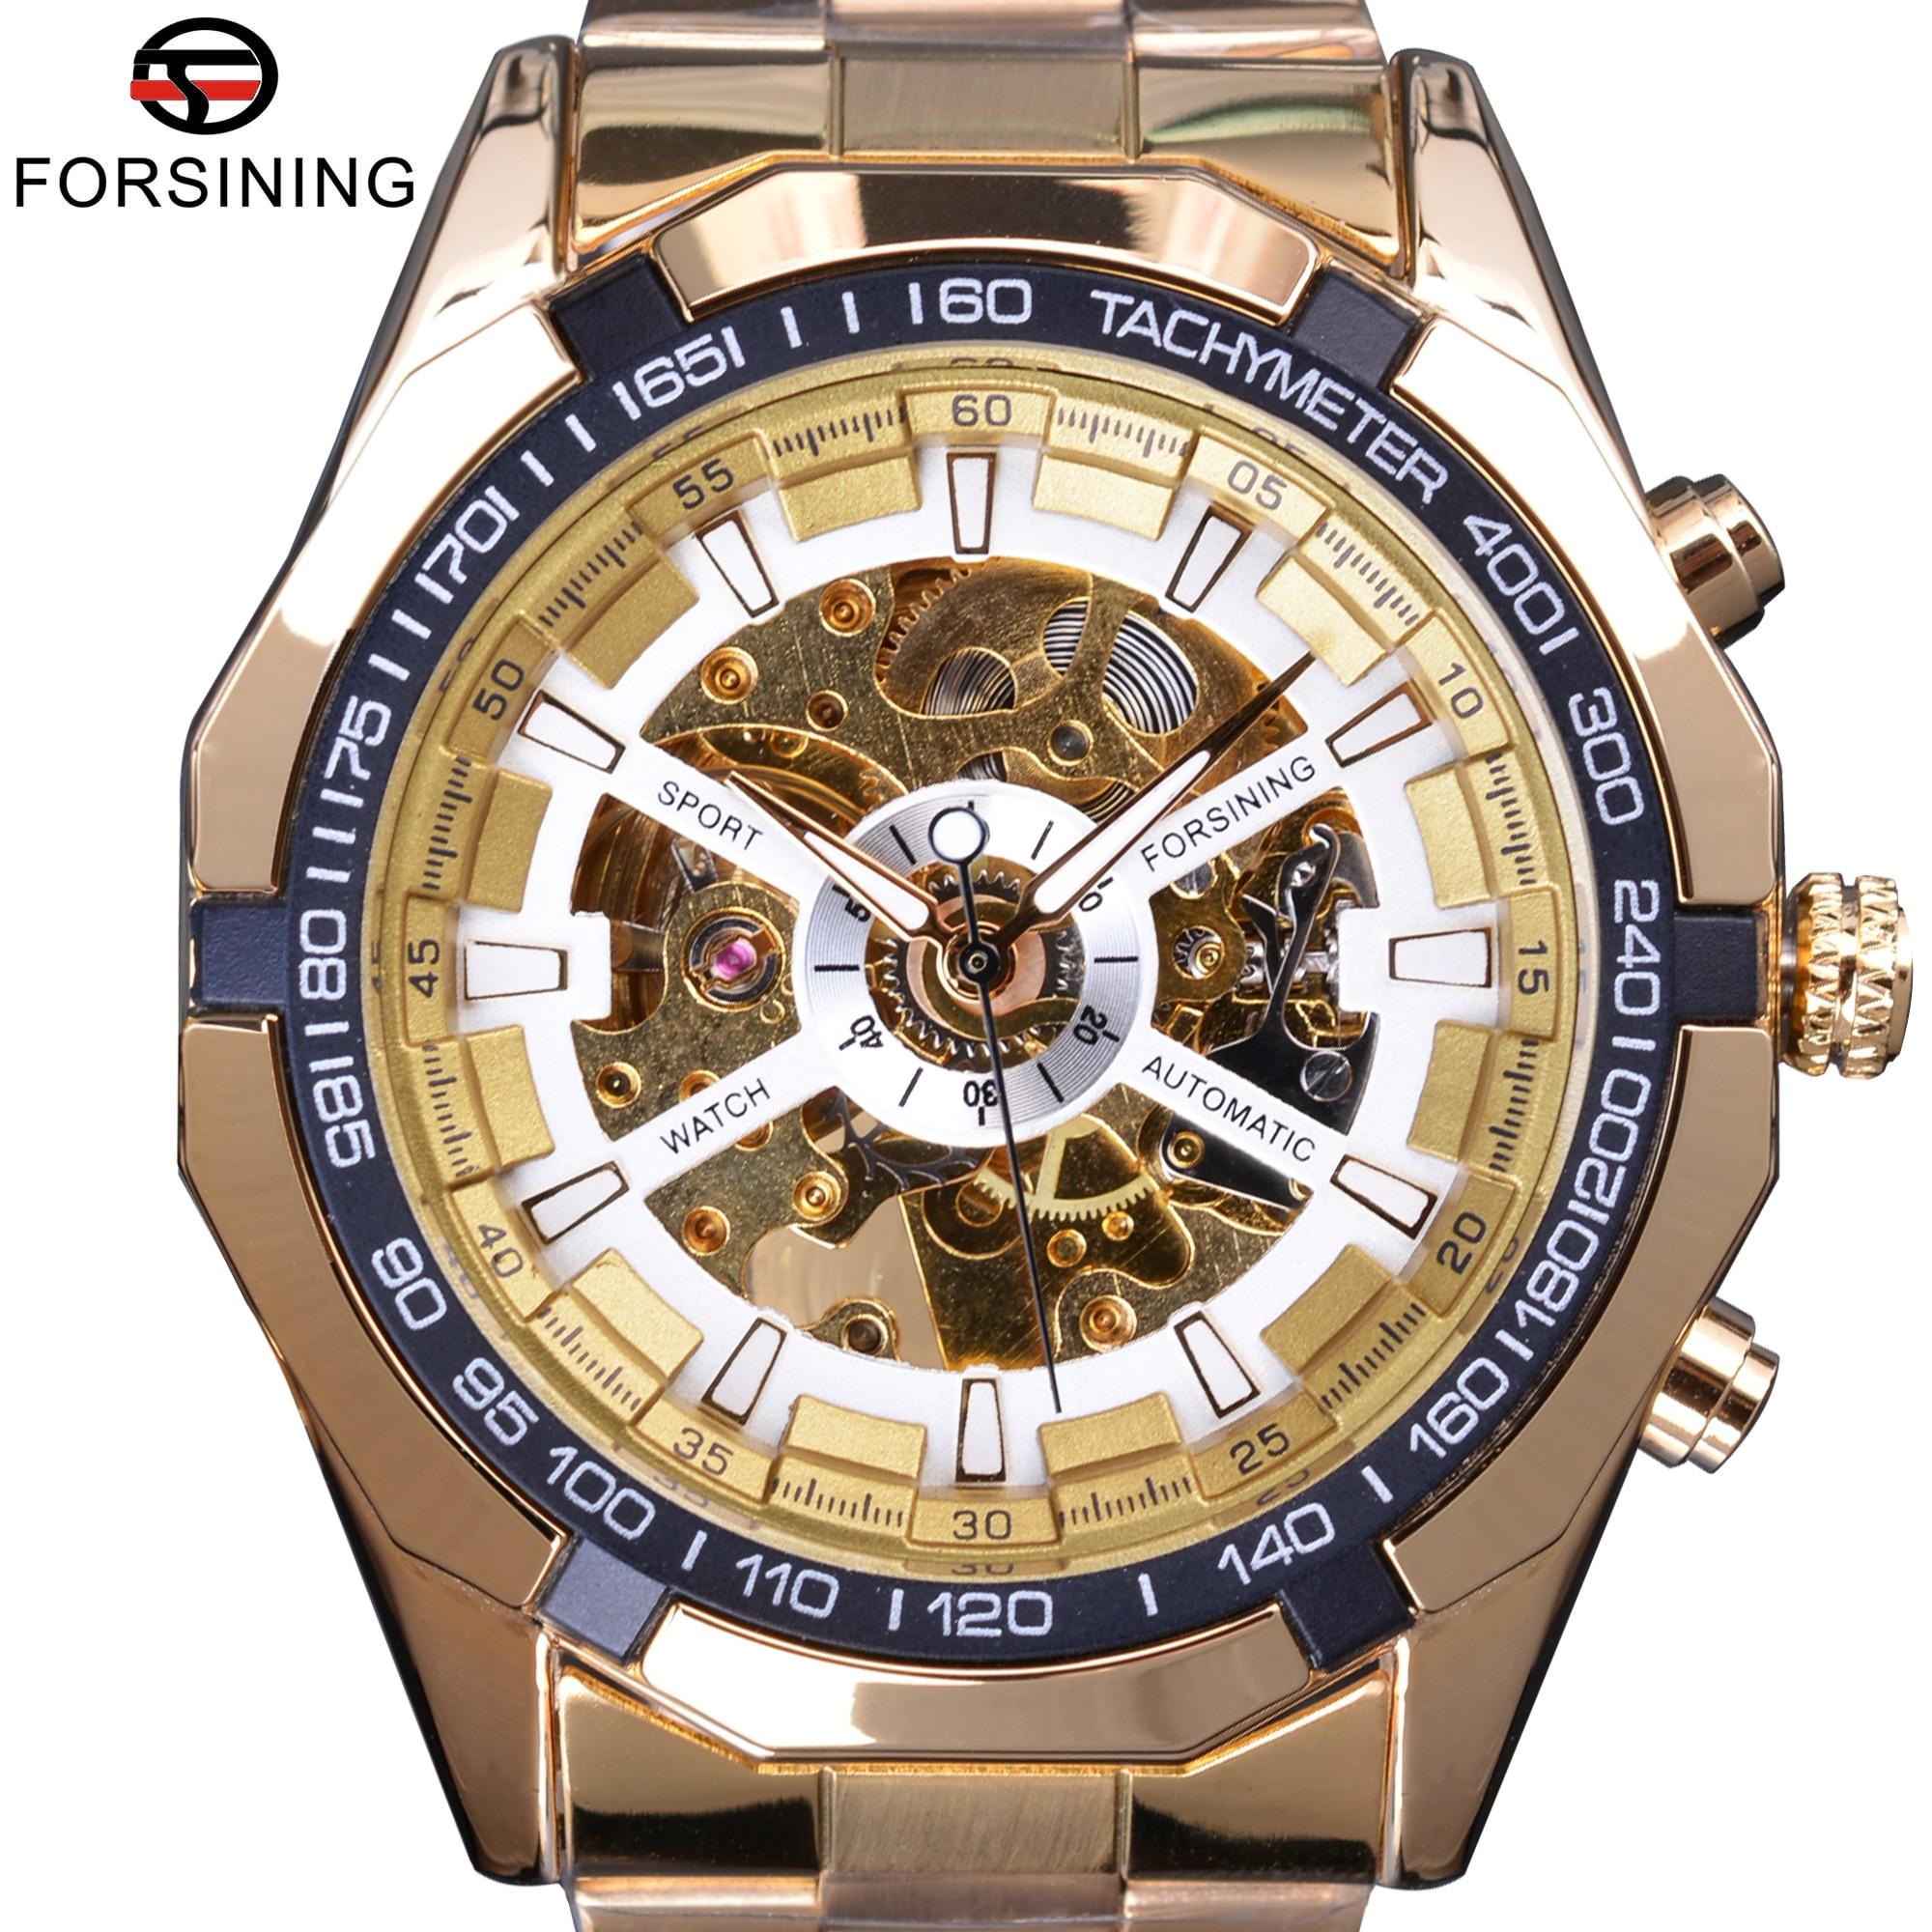 0b39d7952ff Forsining Clássico Transparente Ouro Mens Relógios Top Marca de Luxo Dos  Homens Do Esporte Relógio Automático Relógio Esqueleto Masculino Relógio De  Pulso ...